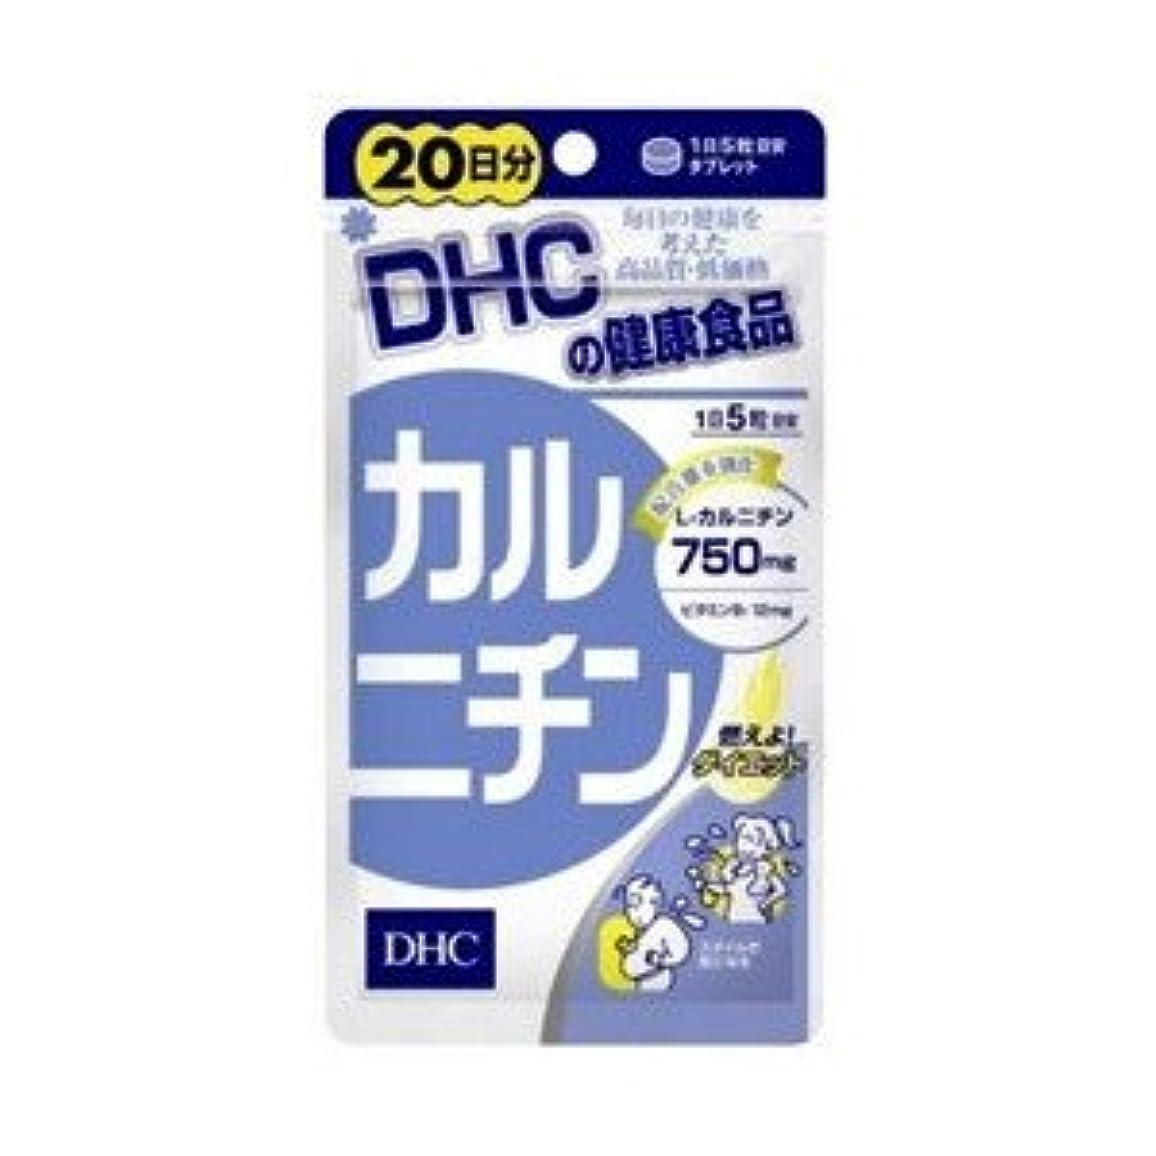 散文カウントアップ看板DHC カルニチン(左旋肉碱)20日分100粒 X 6個セット